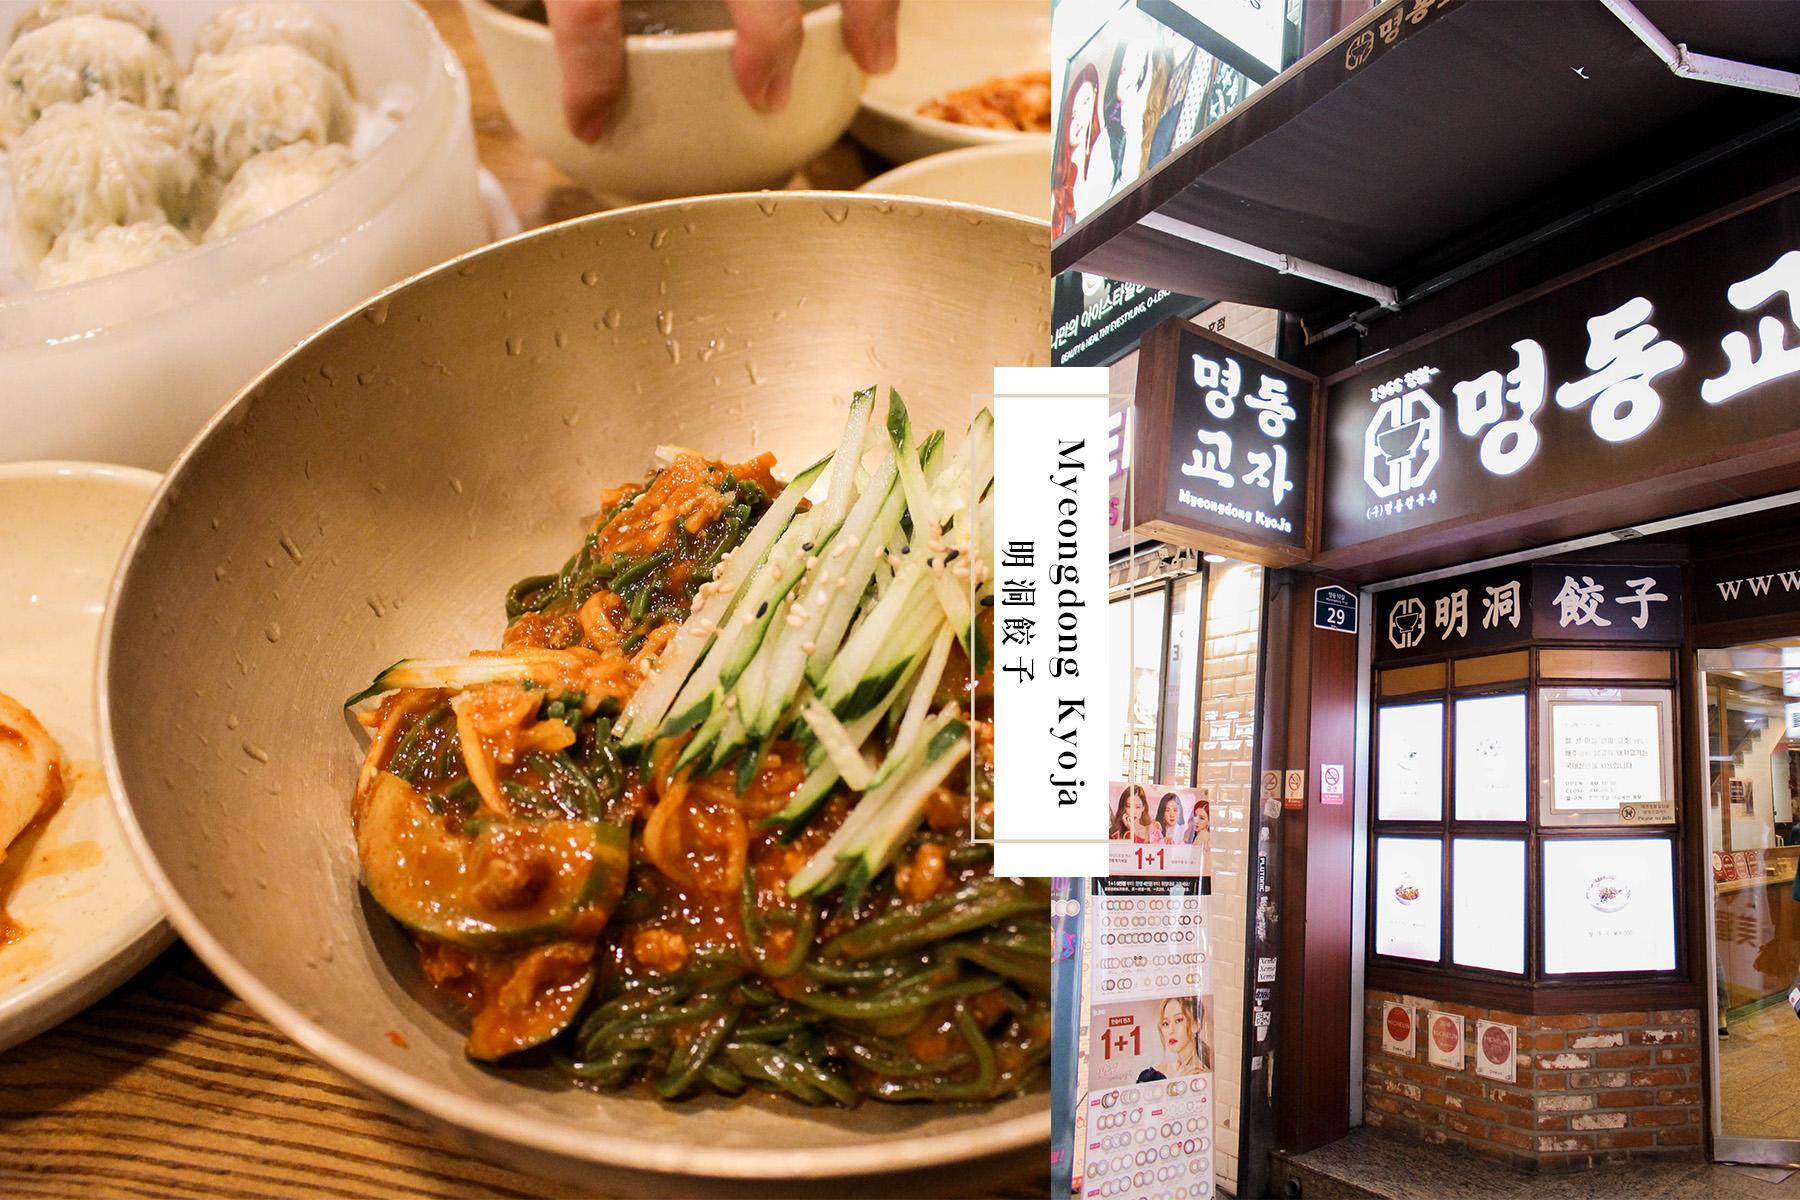 韓國首爾美食▏明洞餃子- 全菜單上桌,在韓國也能吃到得中式料理